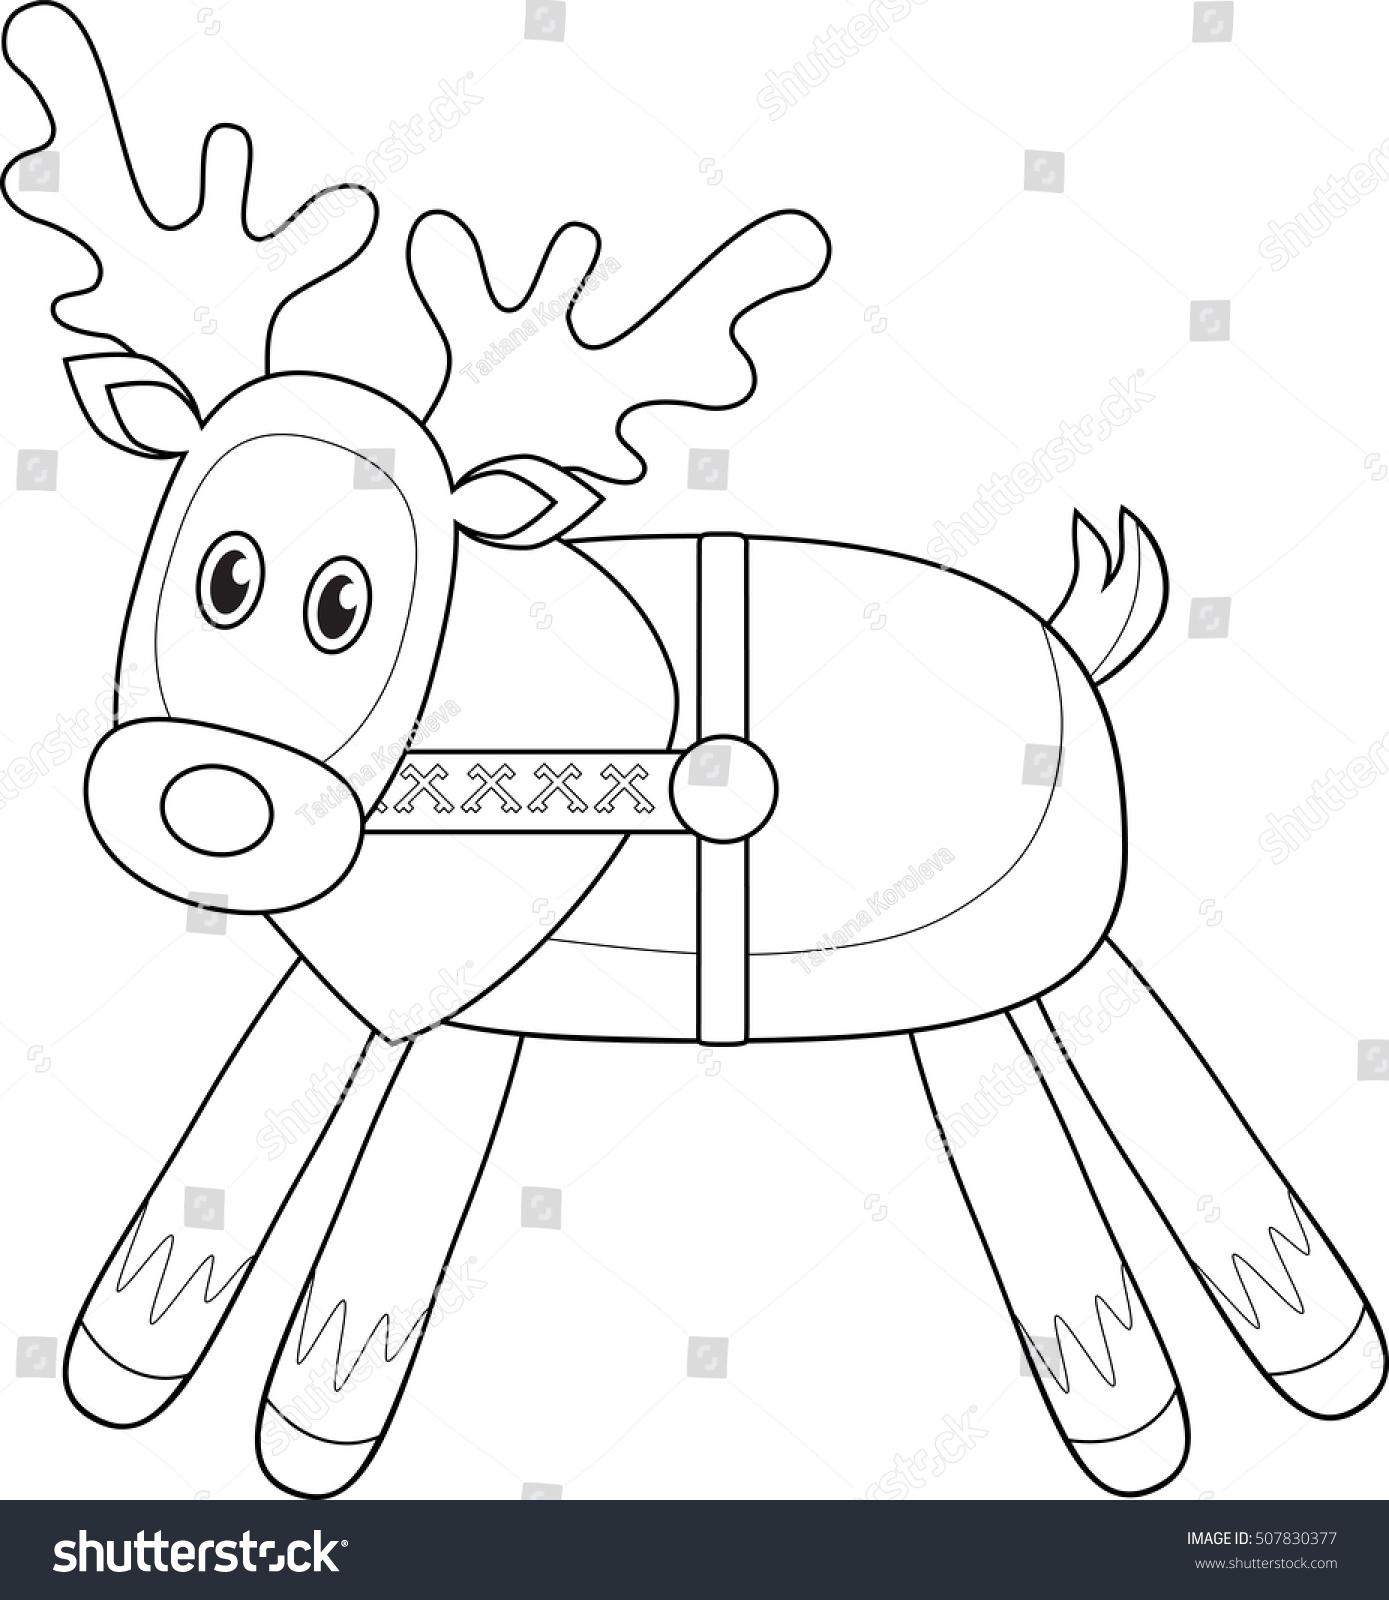 Reindeer Peeking Coloring Page